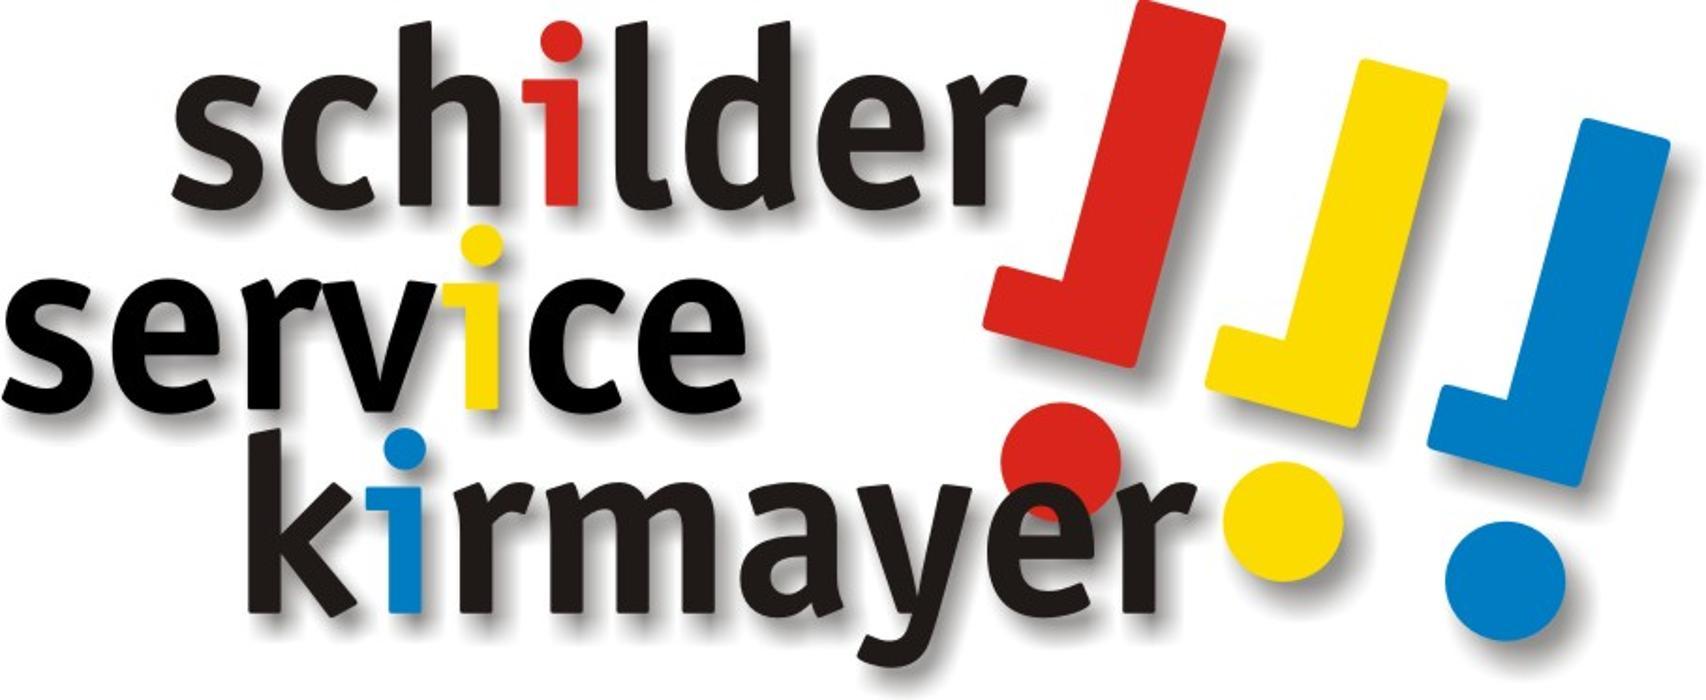 Logo von Schilderservice Kirmayer